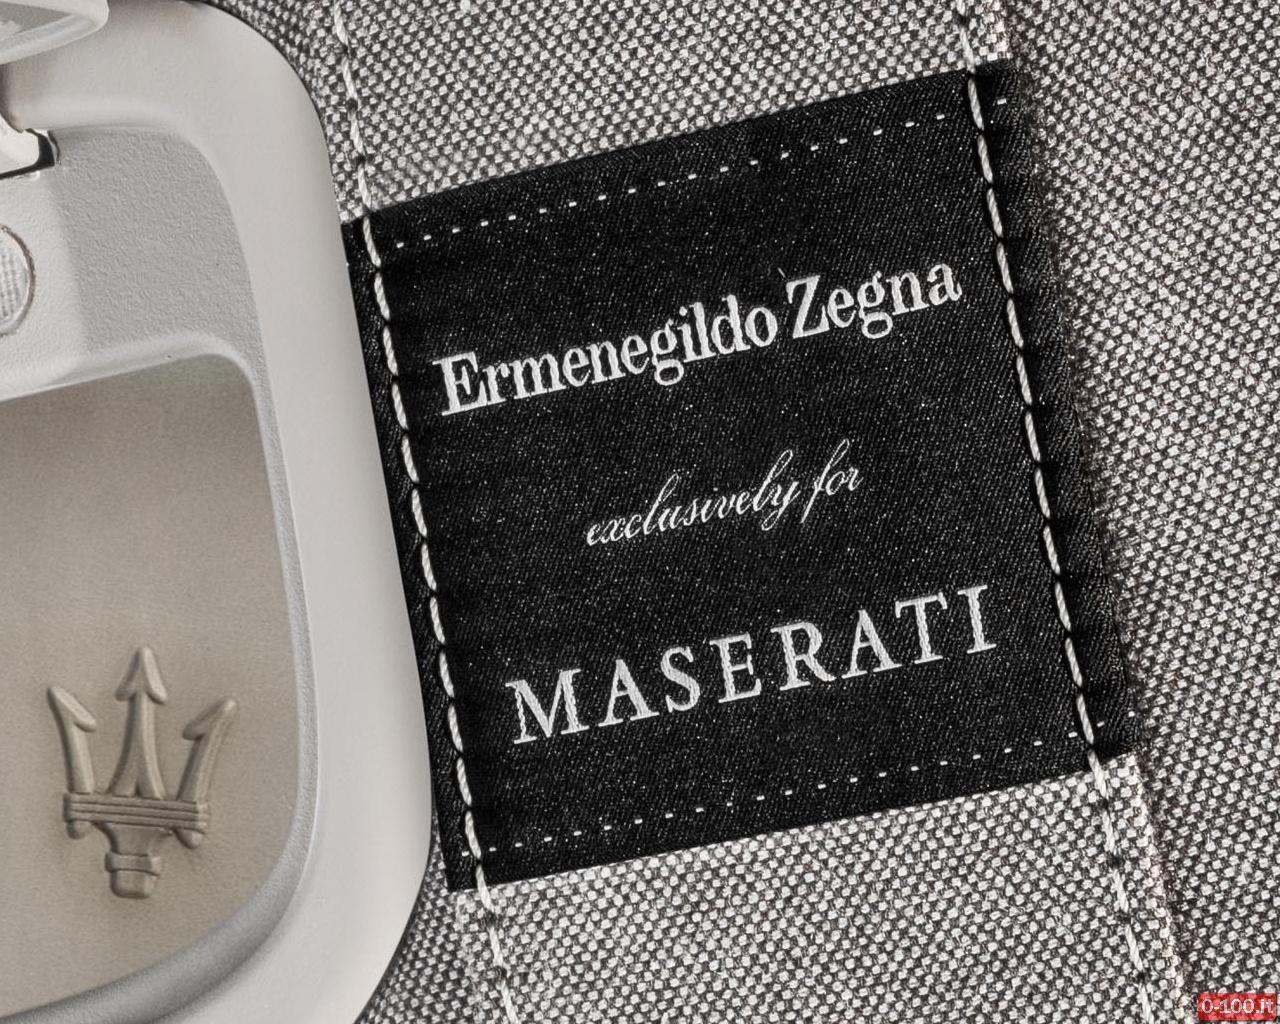 maserati-quattroporte-ermenegildo-zegna-limited-edition-concept_iaa-francoforte-2013_0-100_5